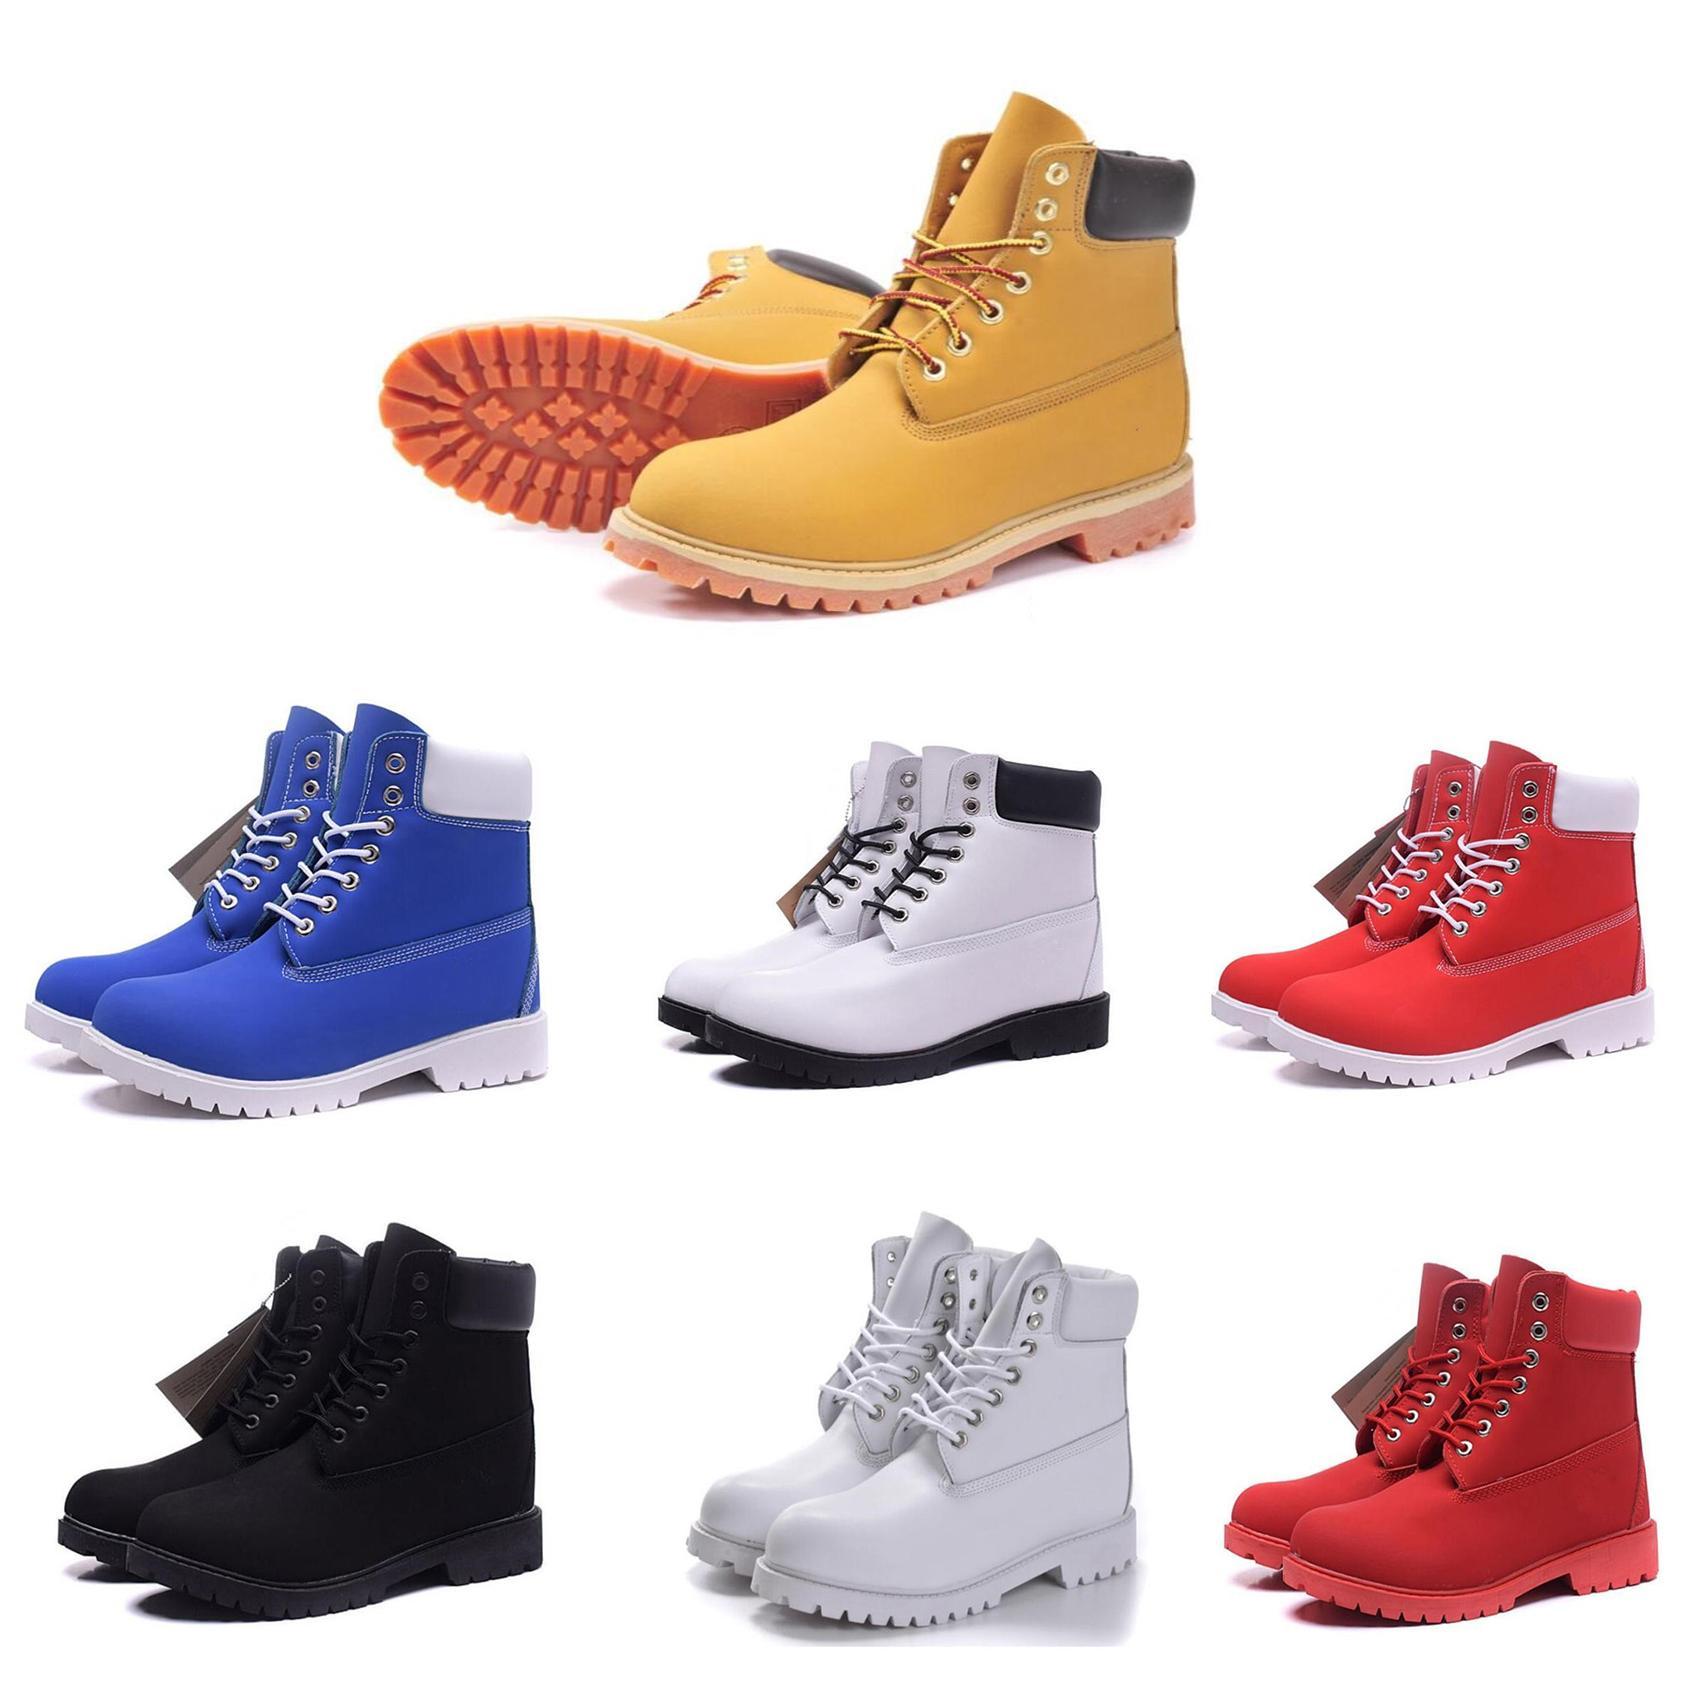 Stivali da uomo in pelle gialla in pelle gialla impermeabile moda martin boots stivali da donna all'aperto casual alpinismo bootie amante autunno scarpe invernali 11